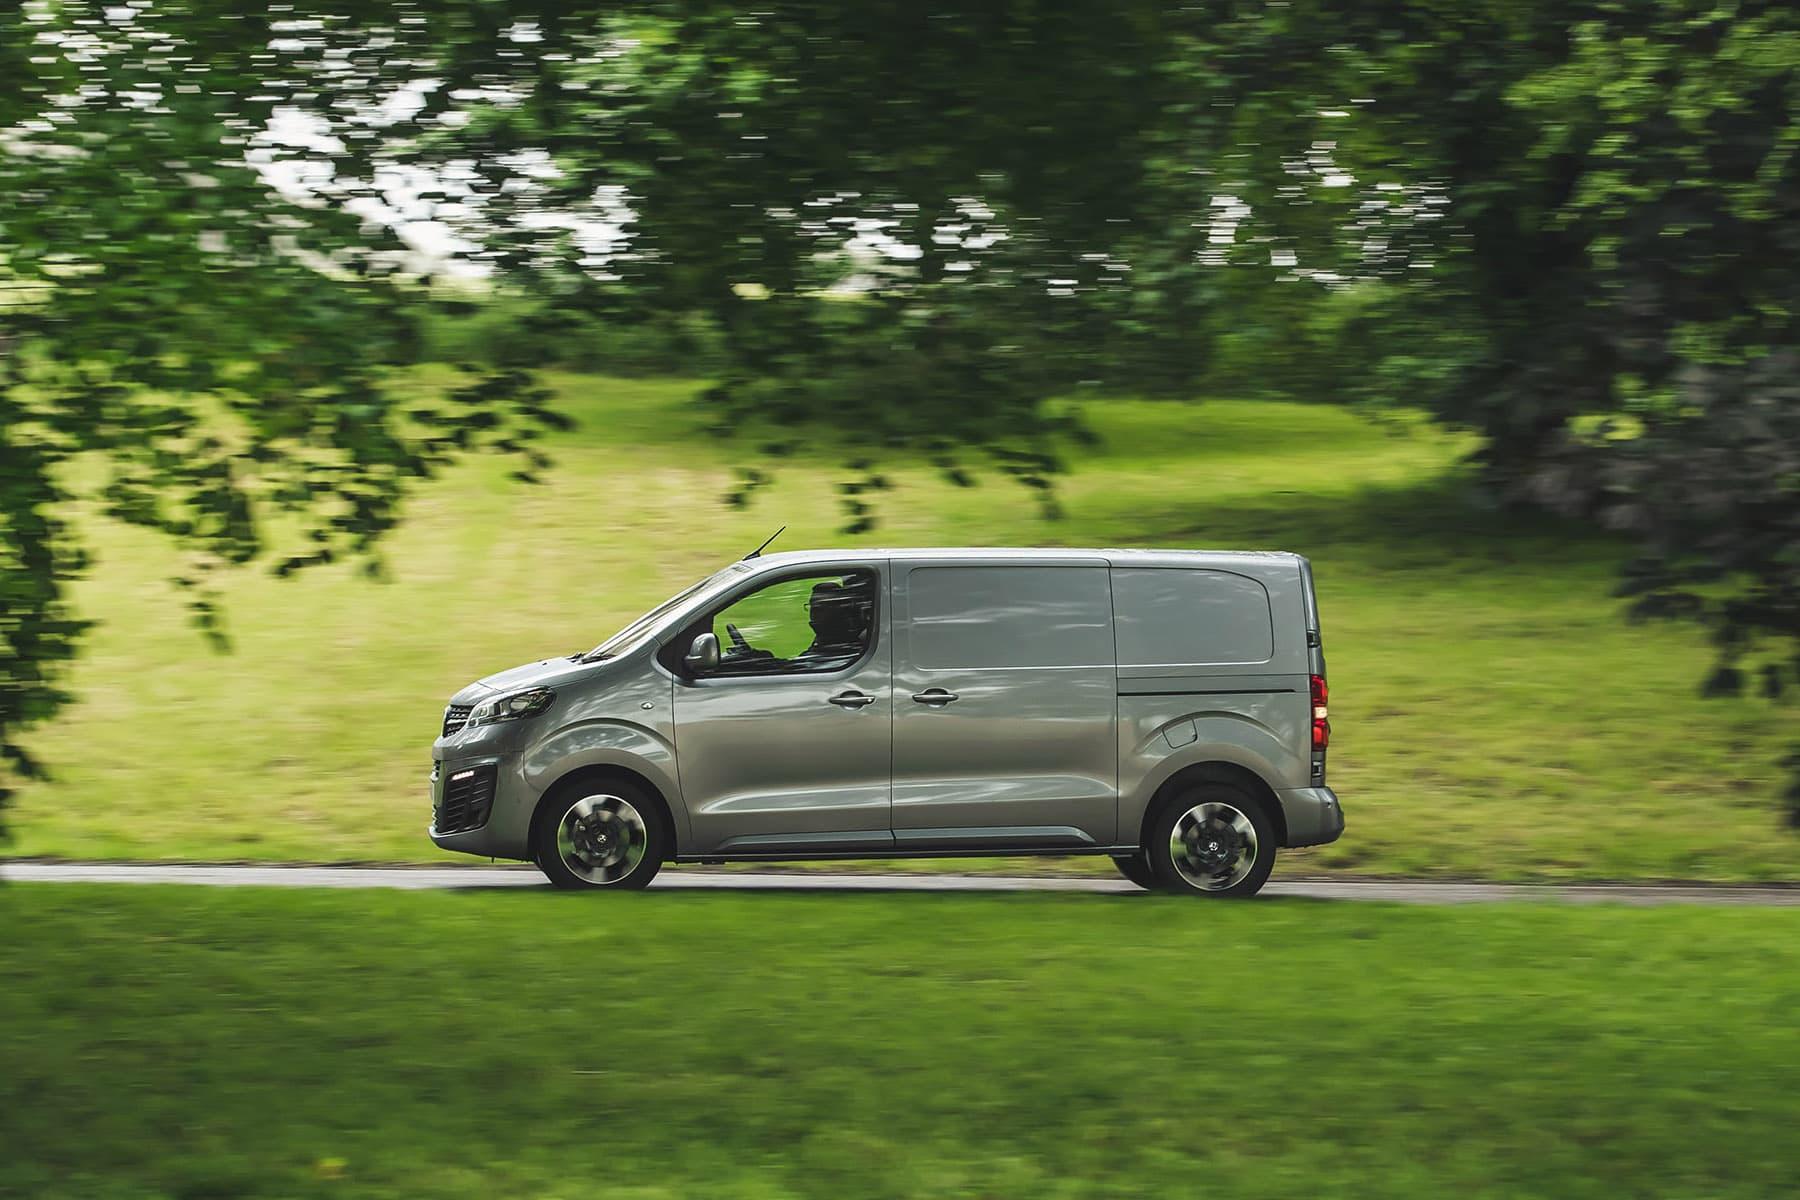 2020 Vauxhall Vivaro road test - side profile | The Van Expert